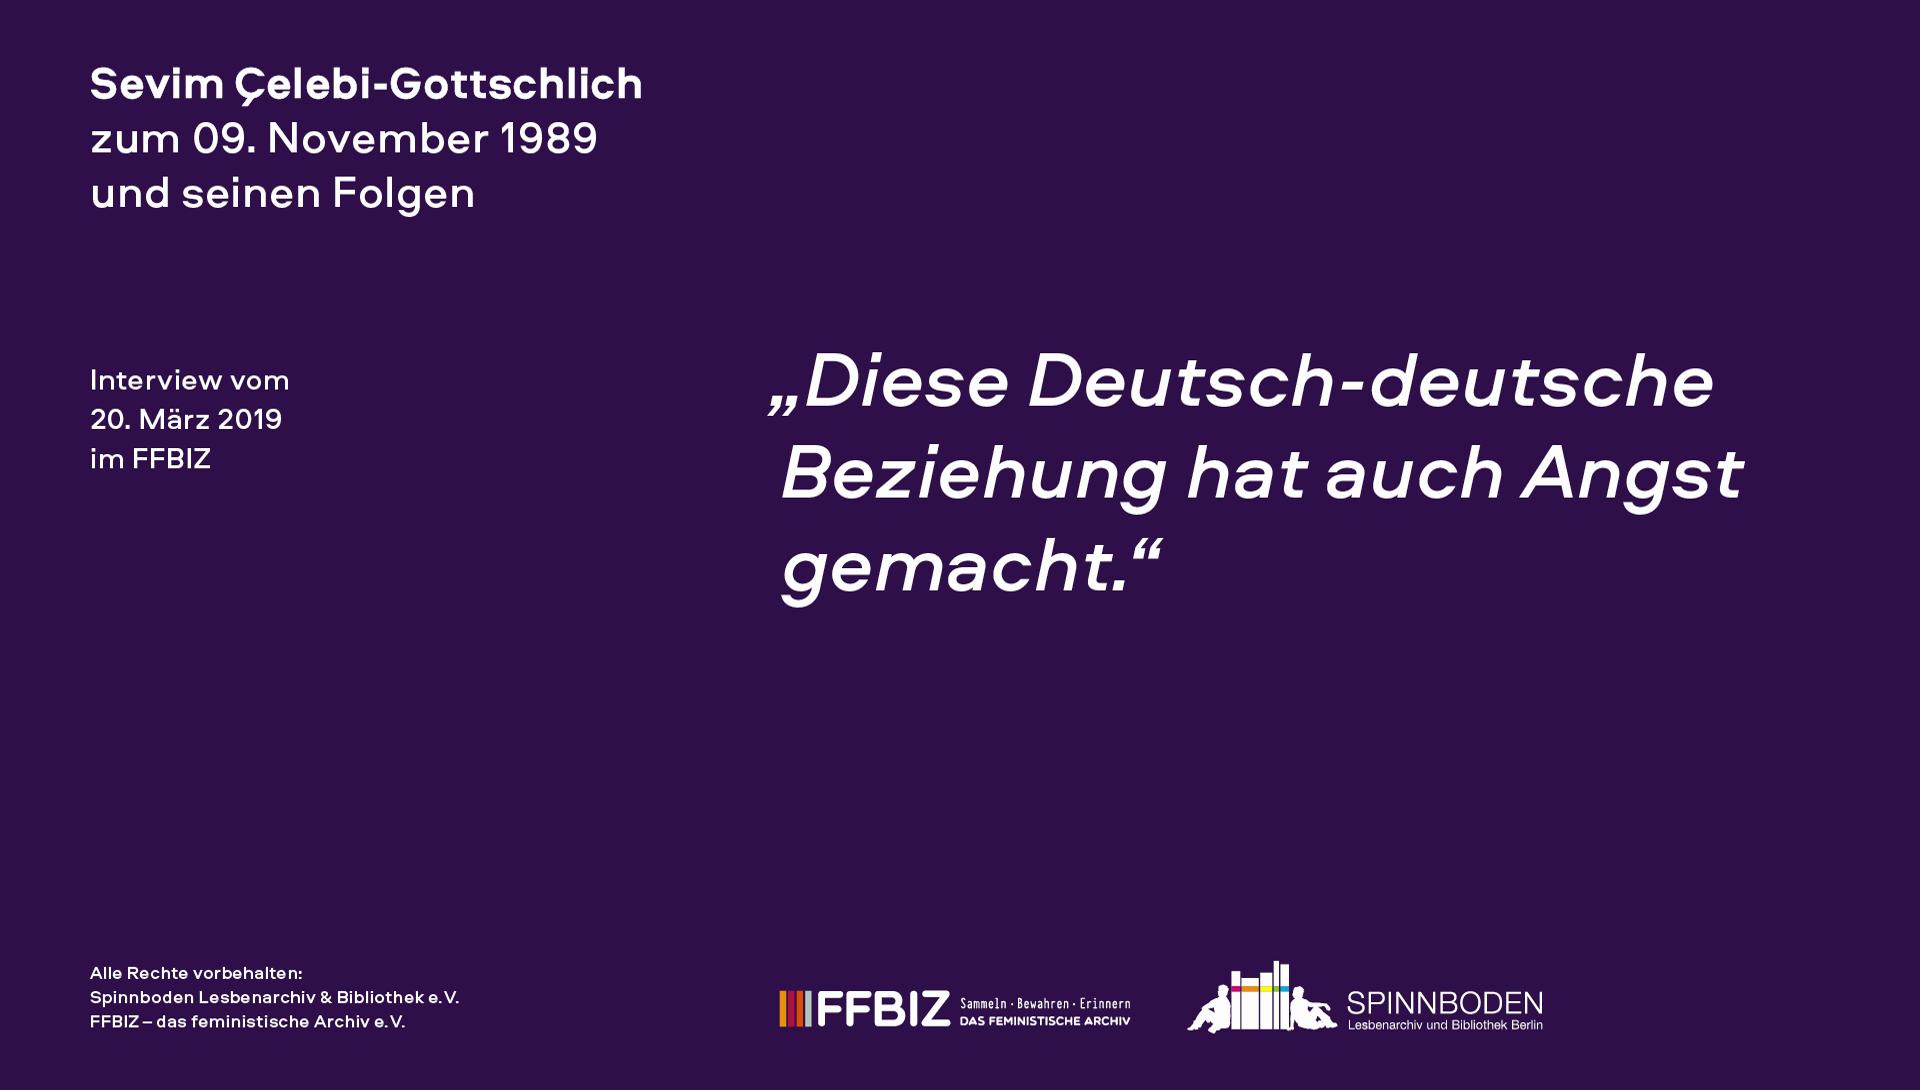 """Interview mit Sevim Çelebi-Gottschlich im Rahmen des Projektes """"Friedliche Revolution""""? Lesbisch-feministische Perspektiven auf 1989"""